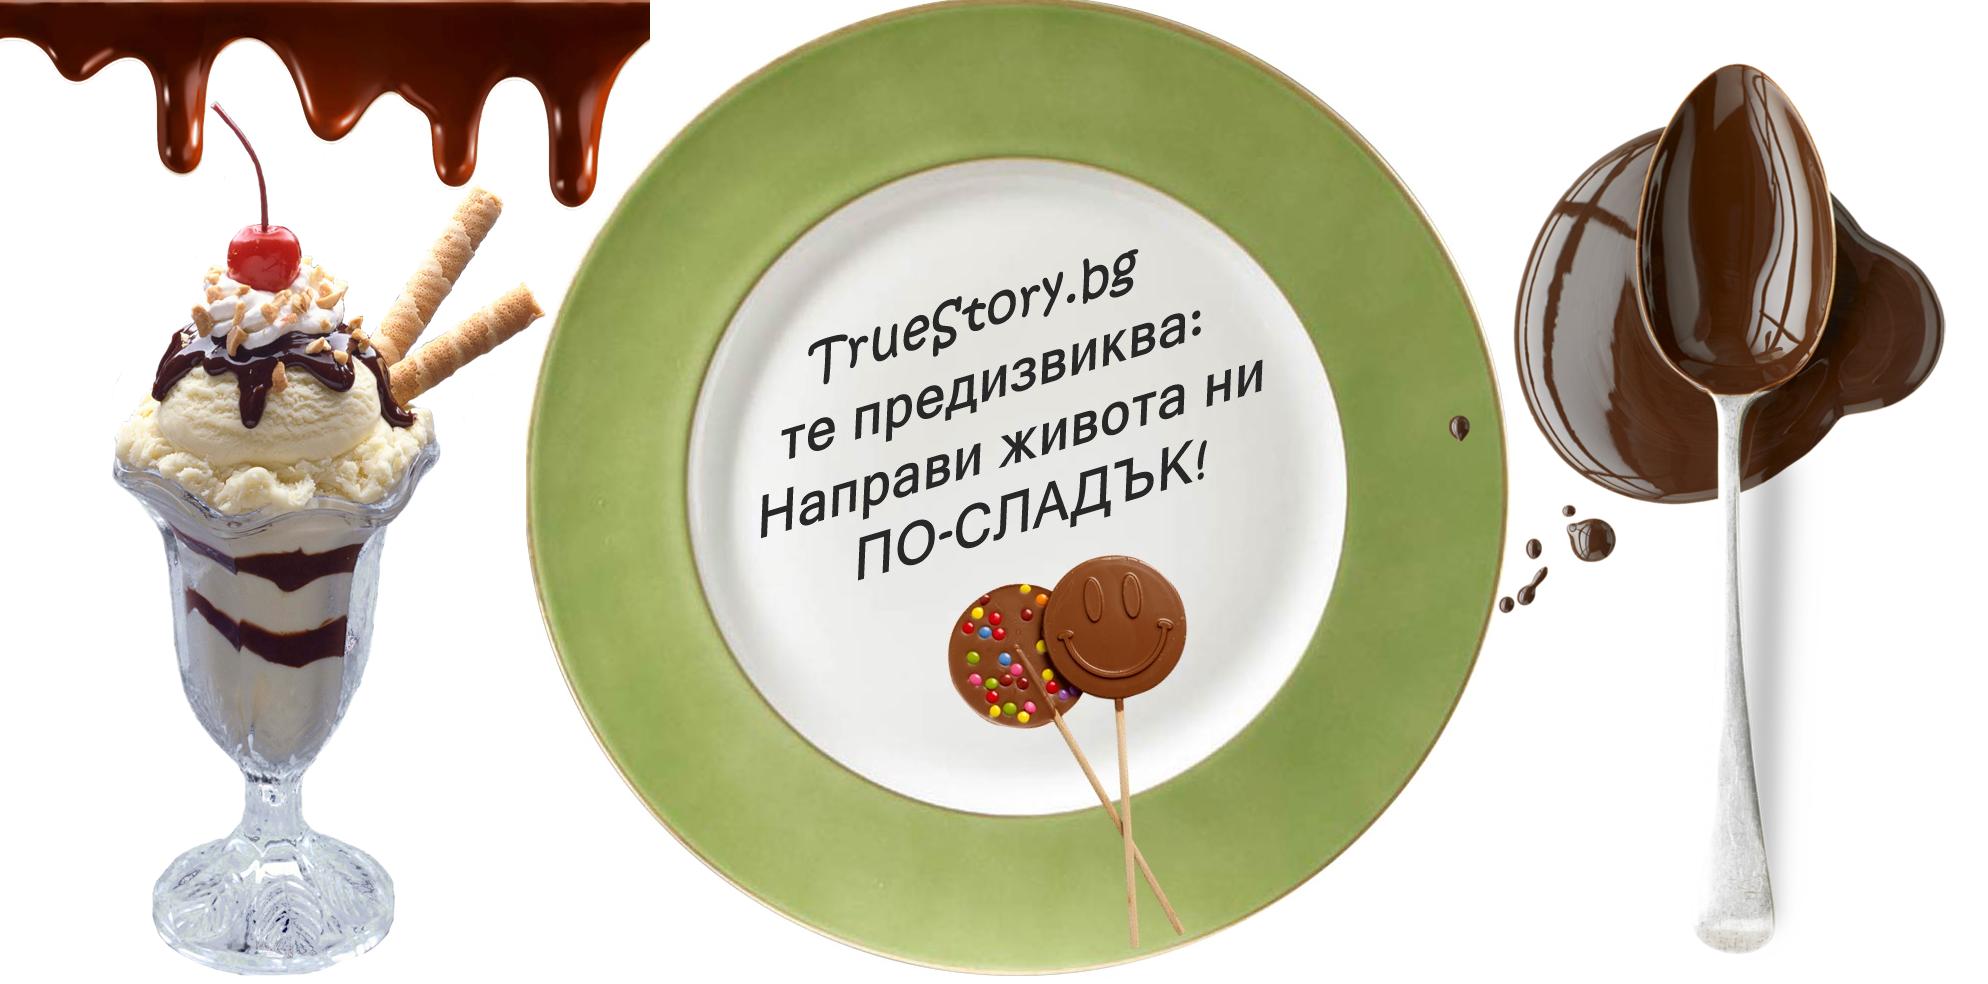 TrueStory.bg те предизвиква: Направи живота ни по-сладък!